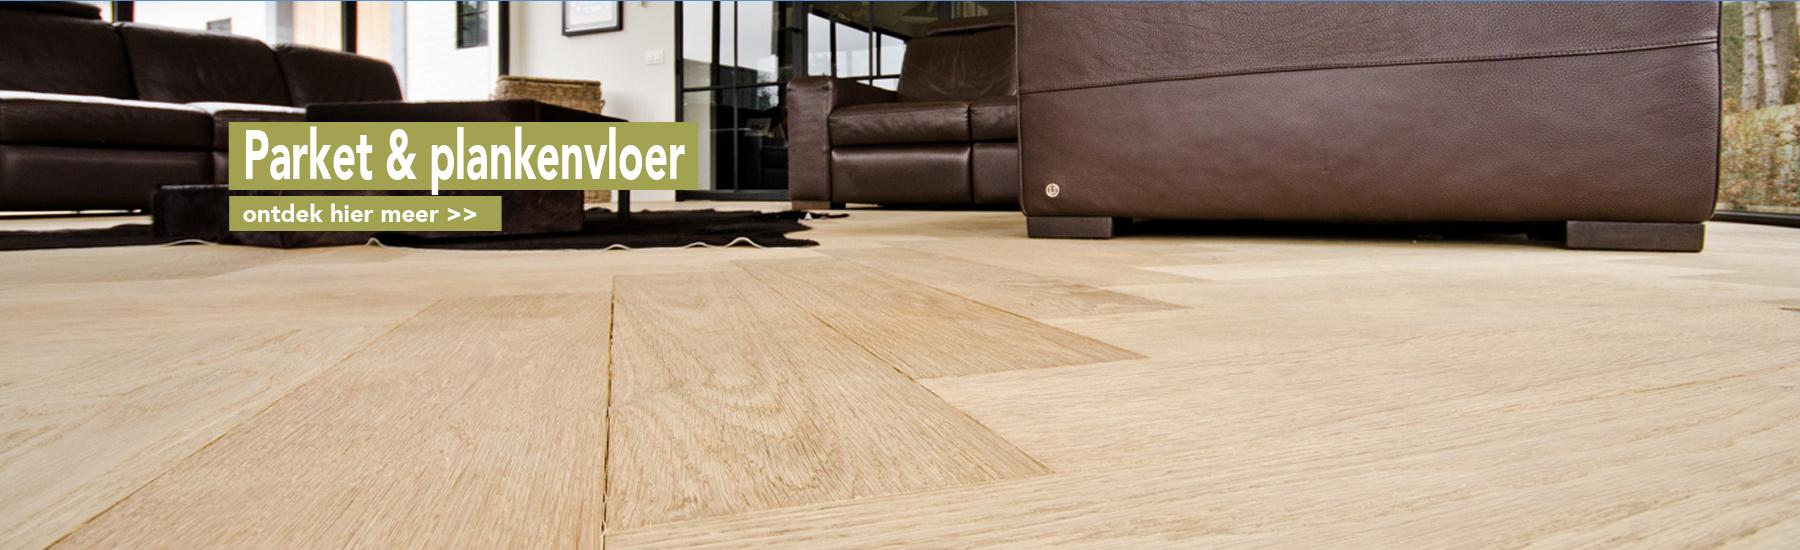 Homeslider-Parket-en-plankenvloer